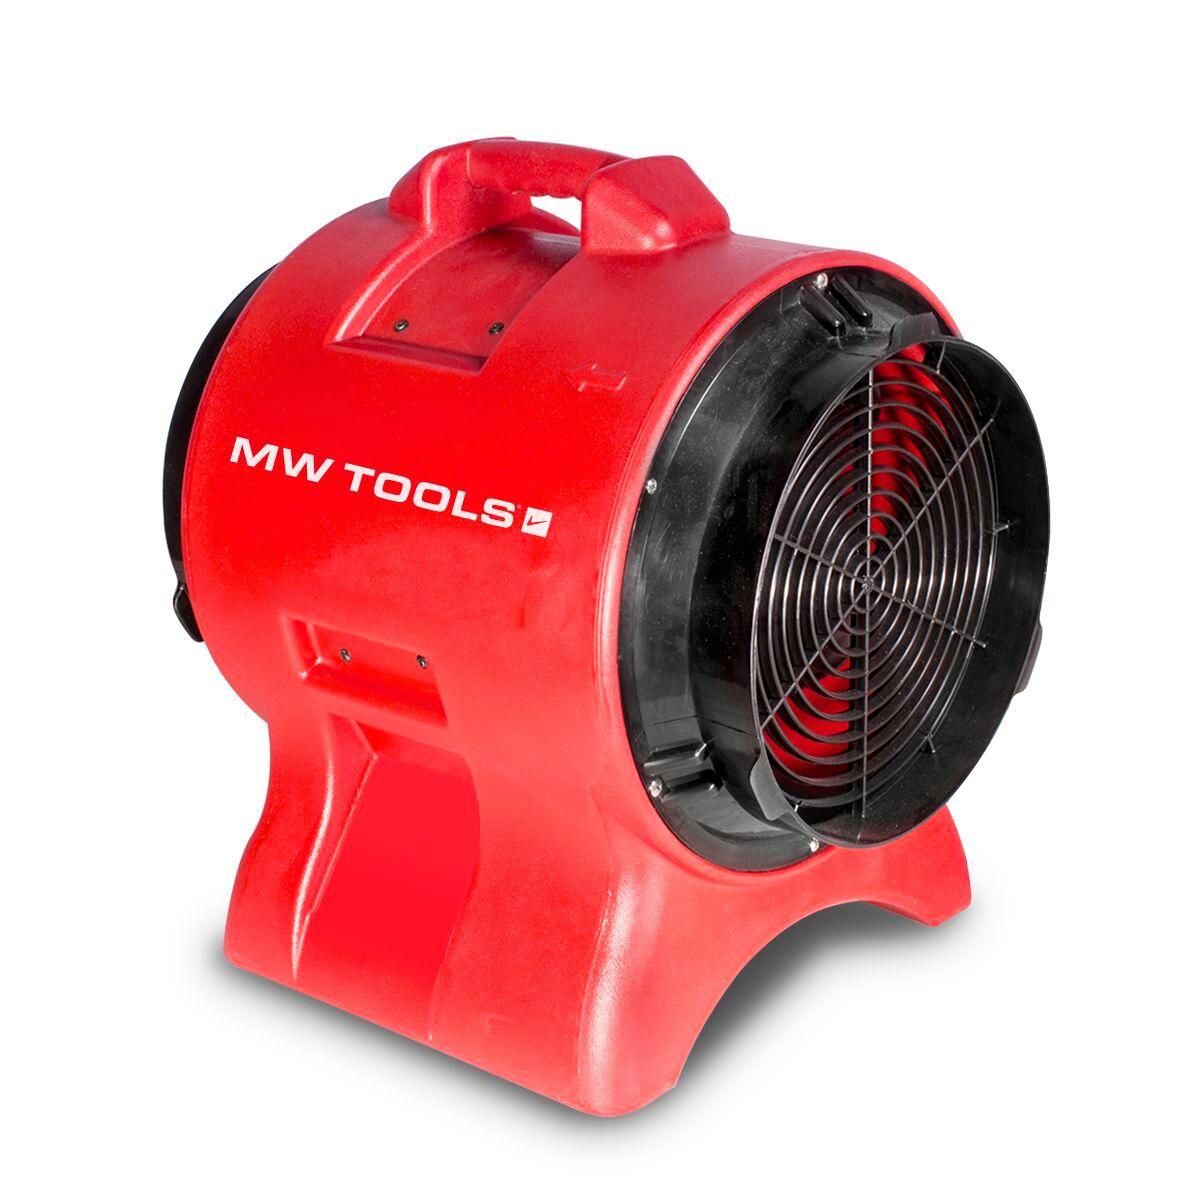 Mw-tools Ventilateur extracteur mobile 300 mm - 750 W MW-Tools MV300PP